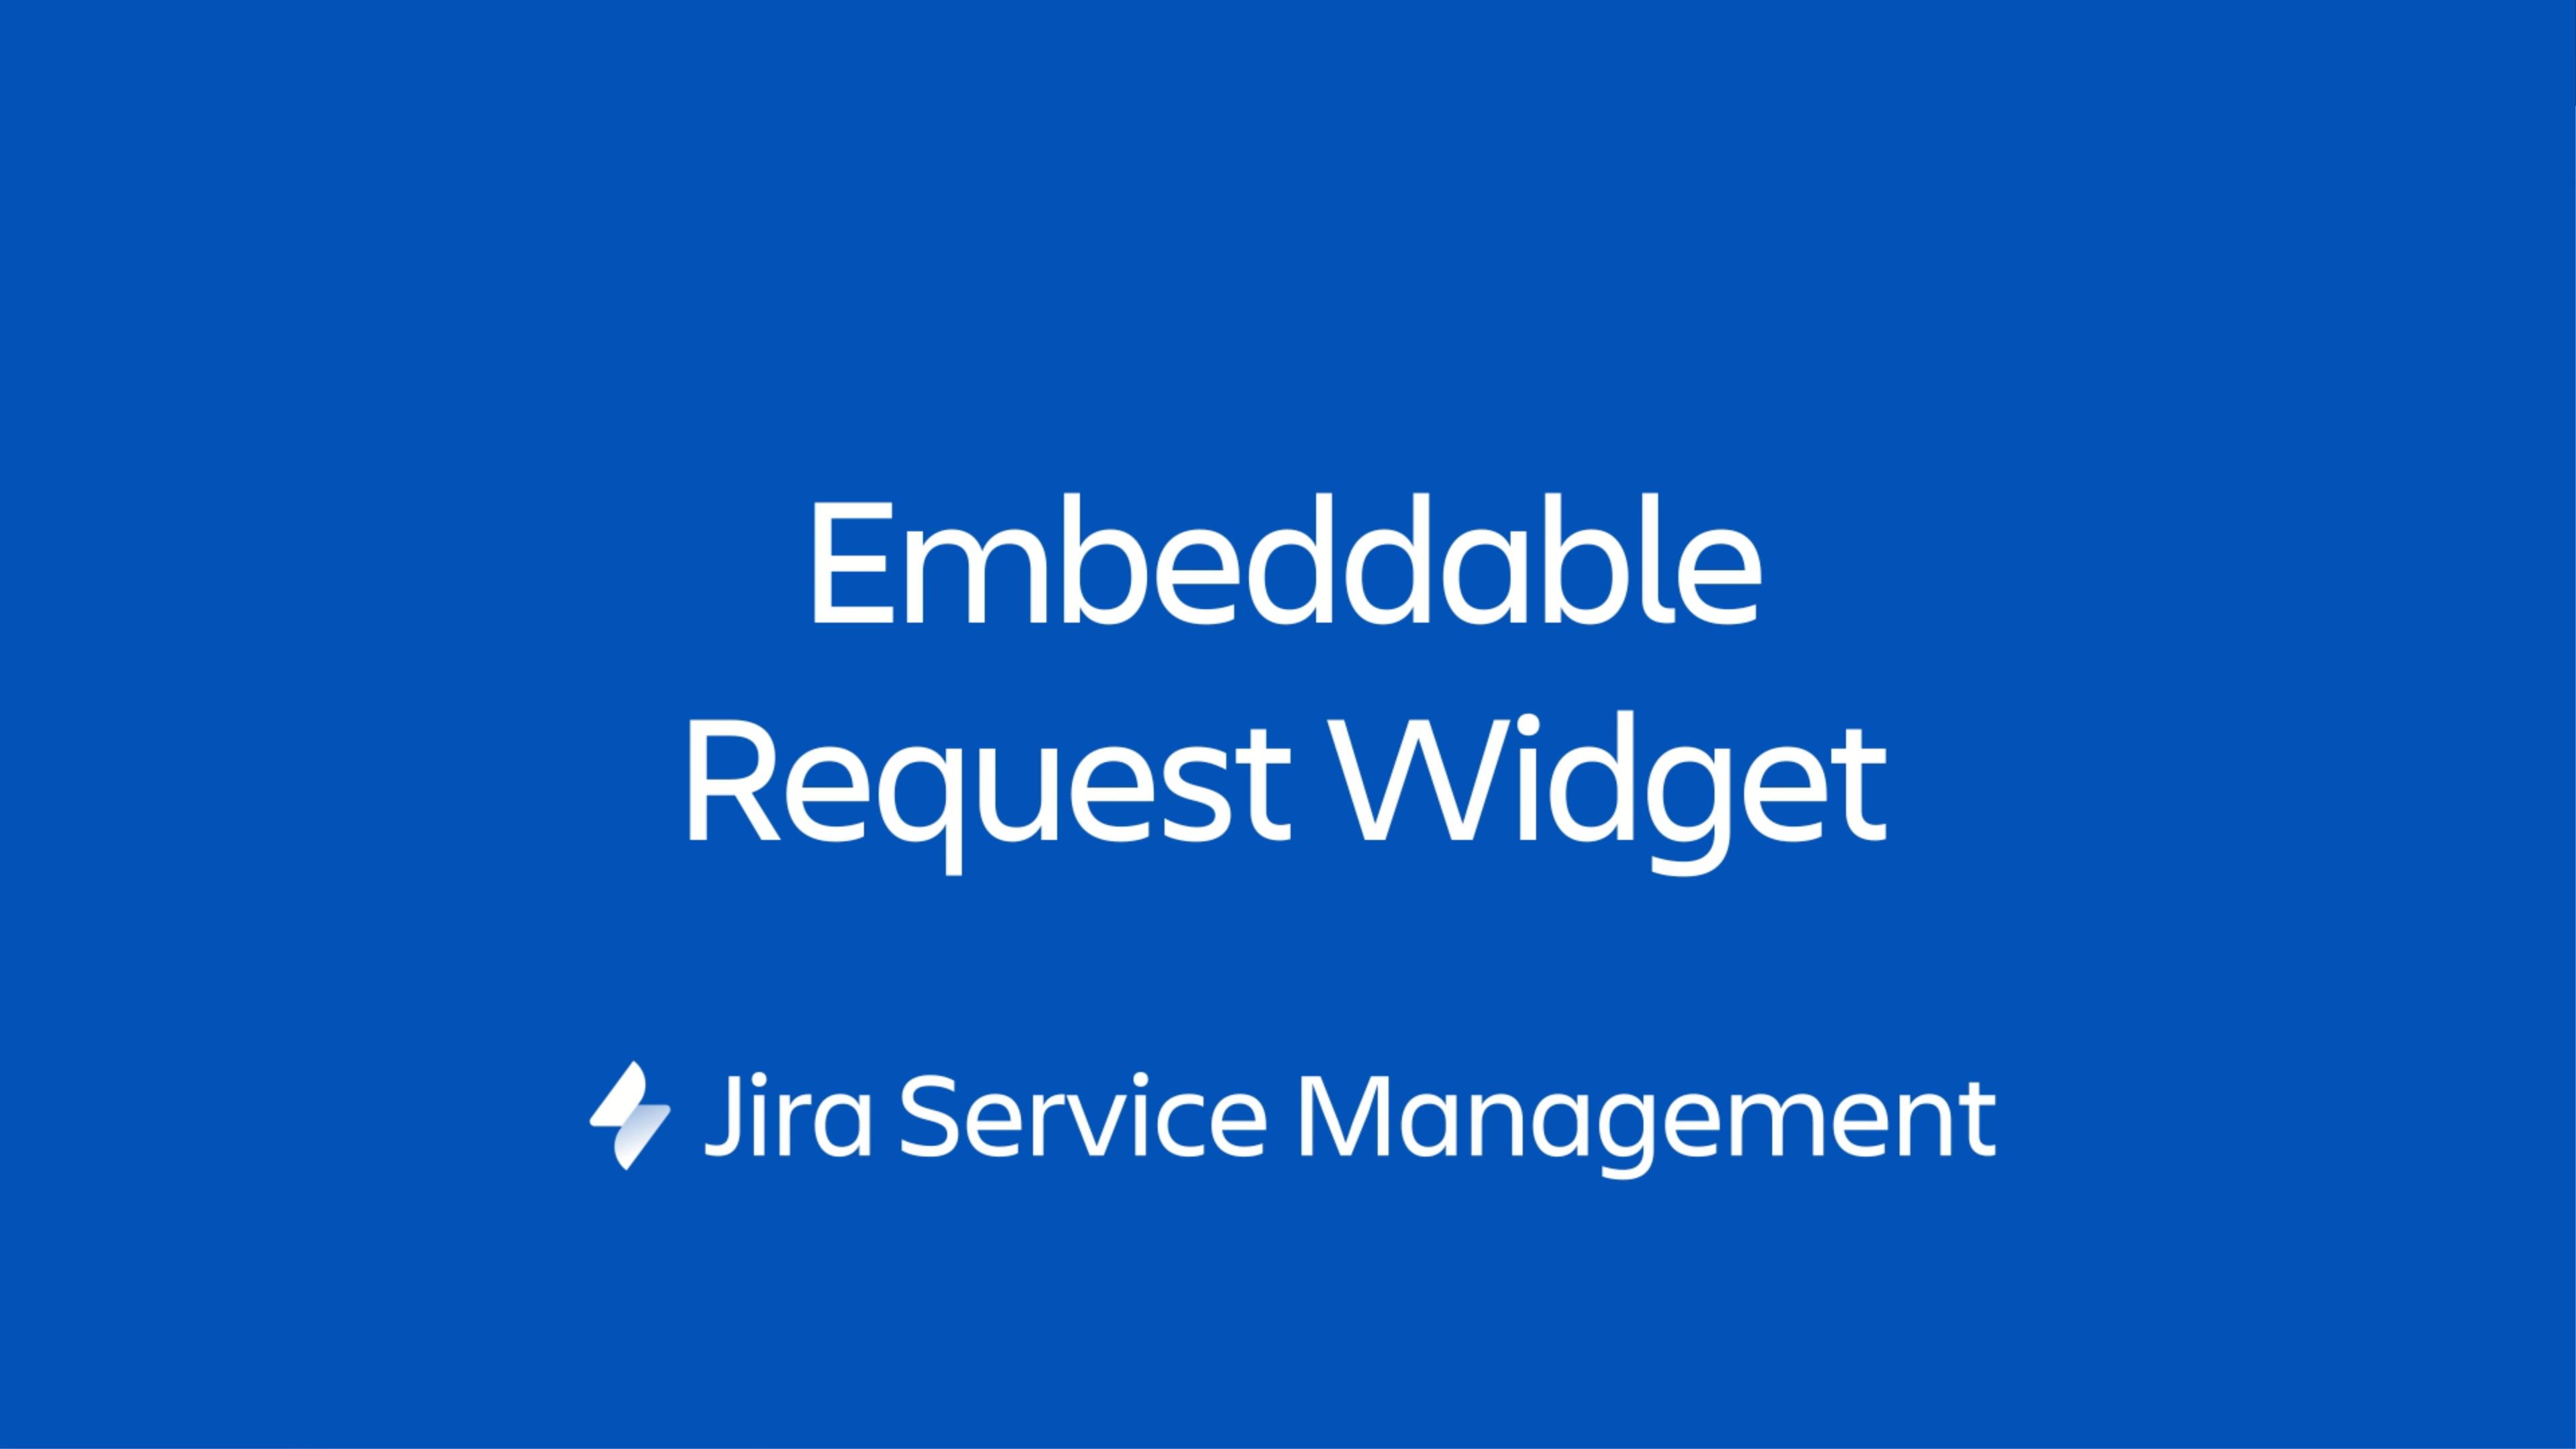 Un widget JiraServiceManagement est un portail miniature qui peut être intégré à n'importe quelle pageweb dont vous avez le contrôle.